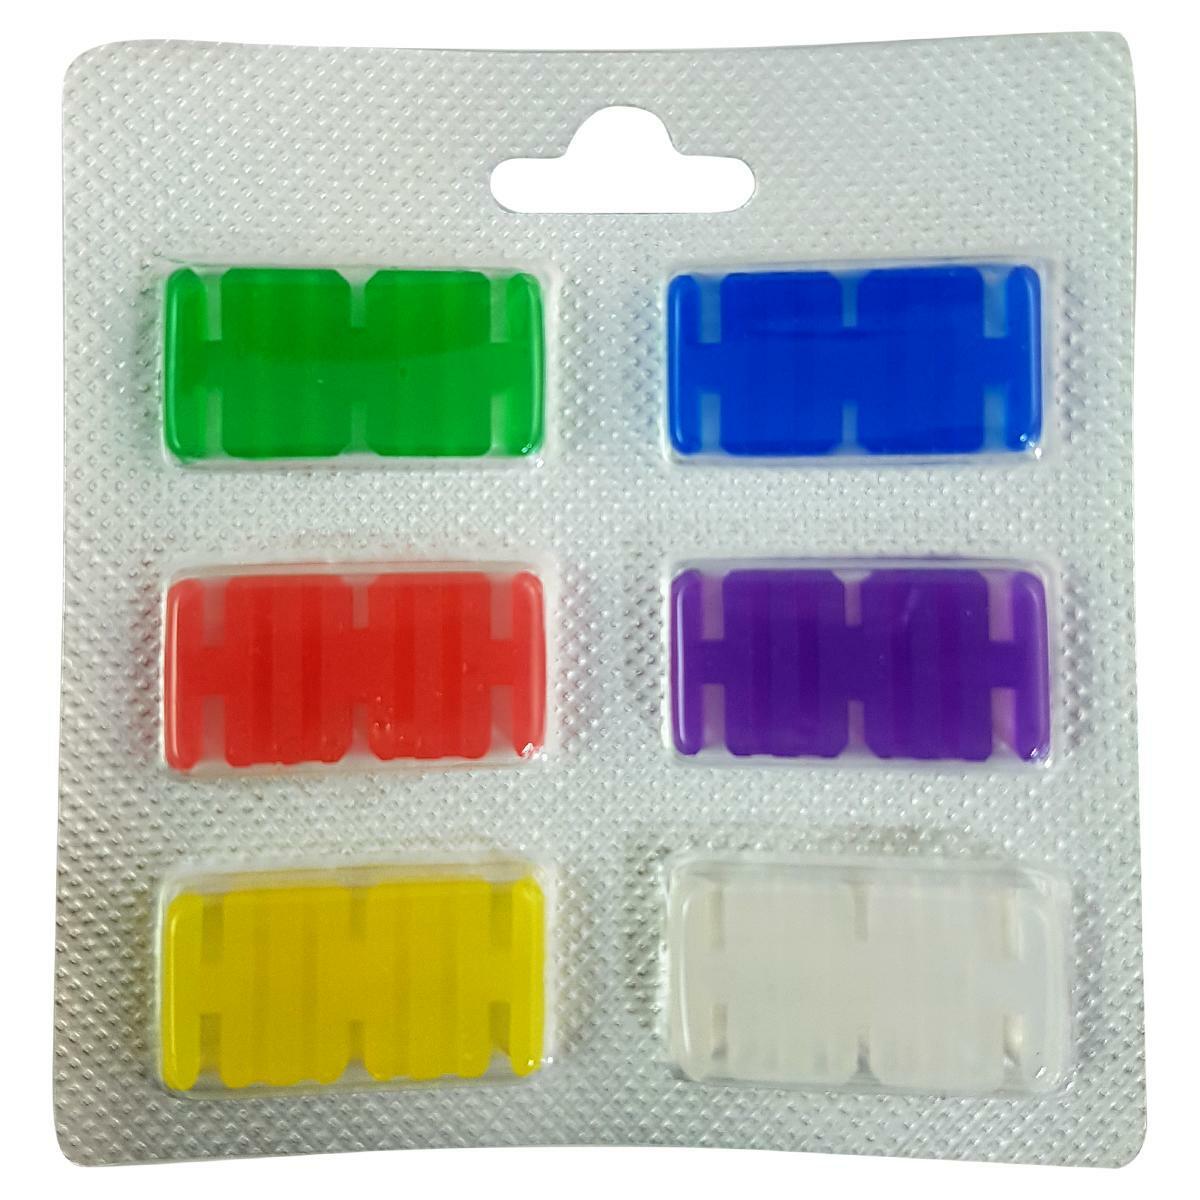 bierre store kit 36 profumi per folletto vk135 vk136 vk140 vk150 vk200 mix compatibile